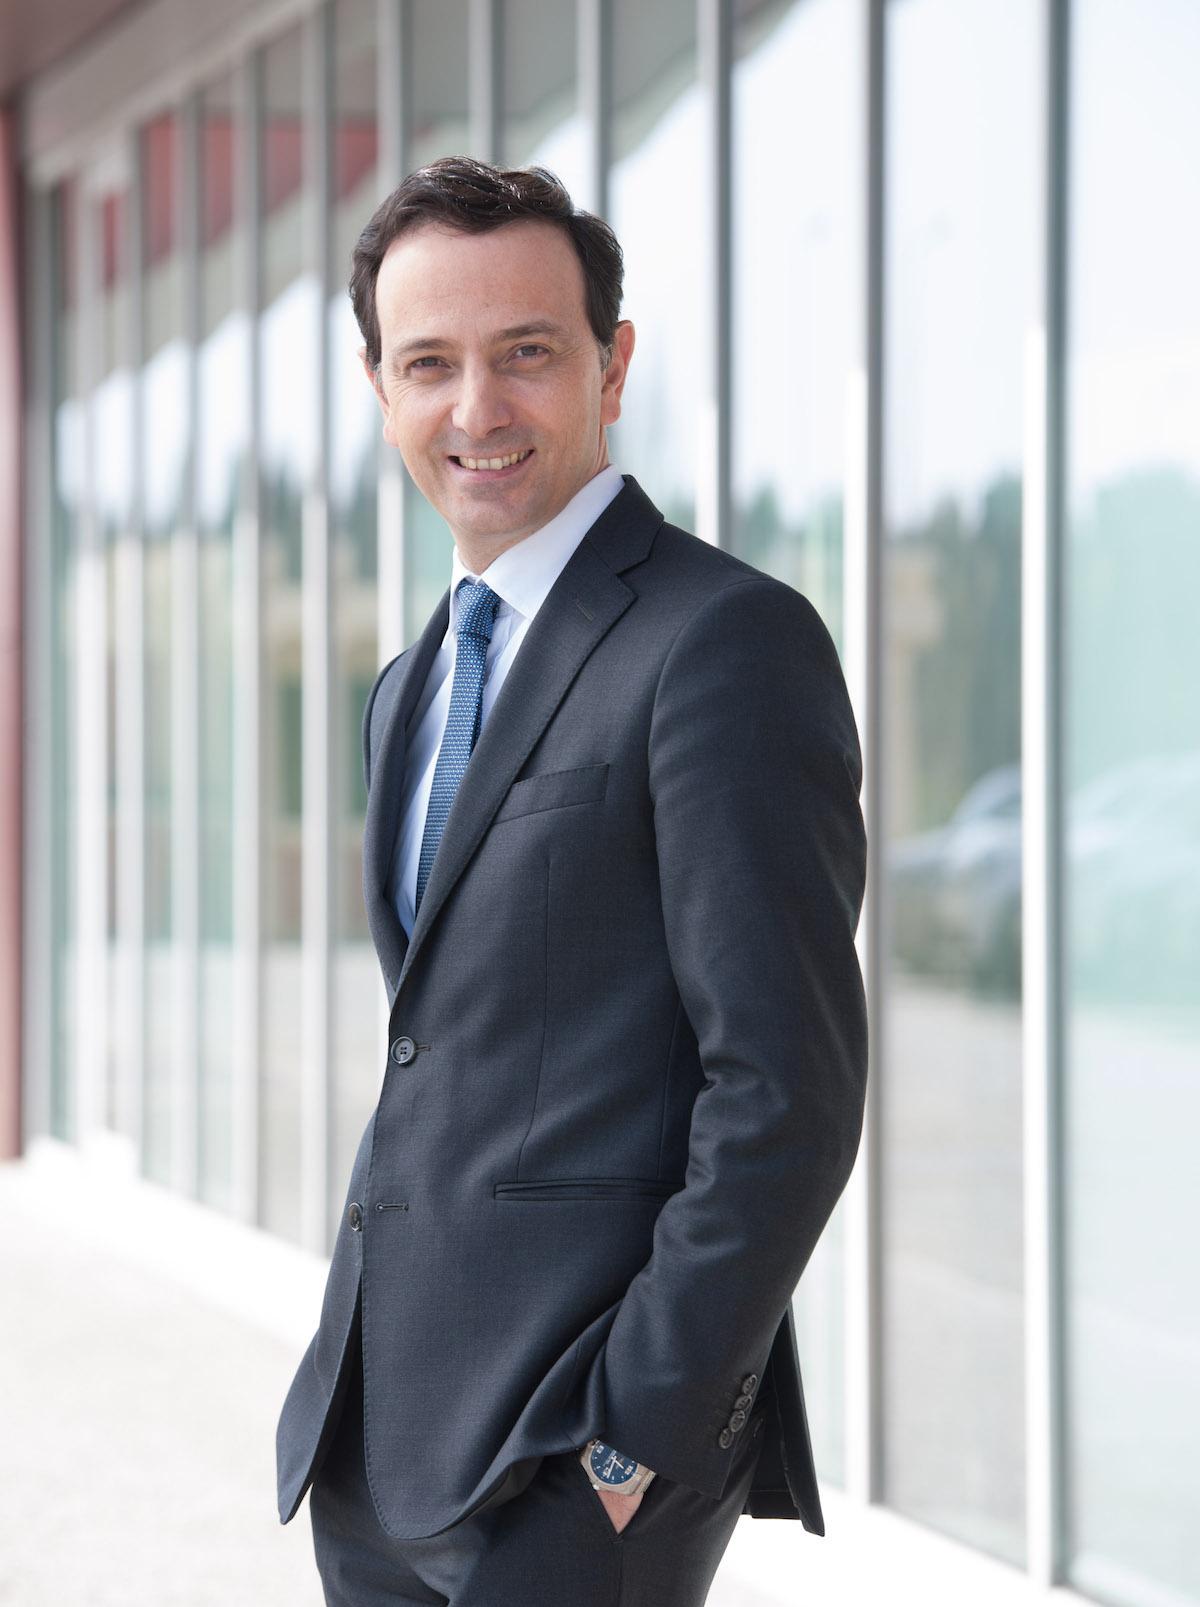 Rui Correia CEO of Sonae Arauco